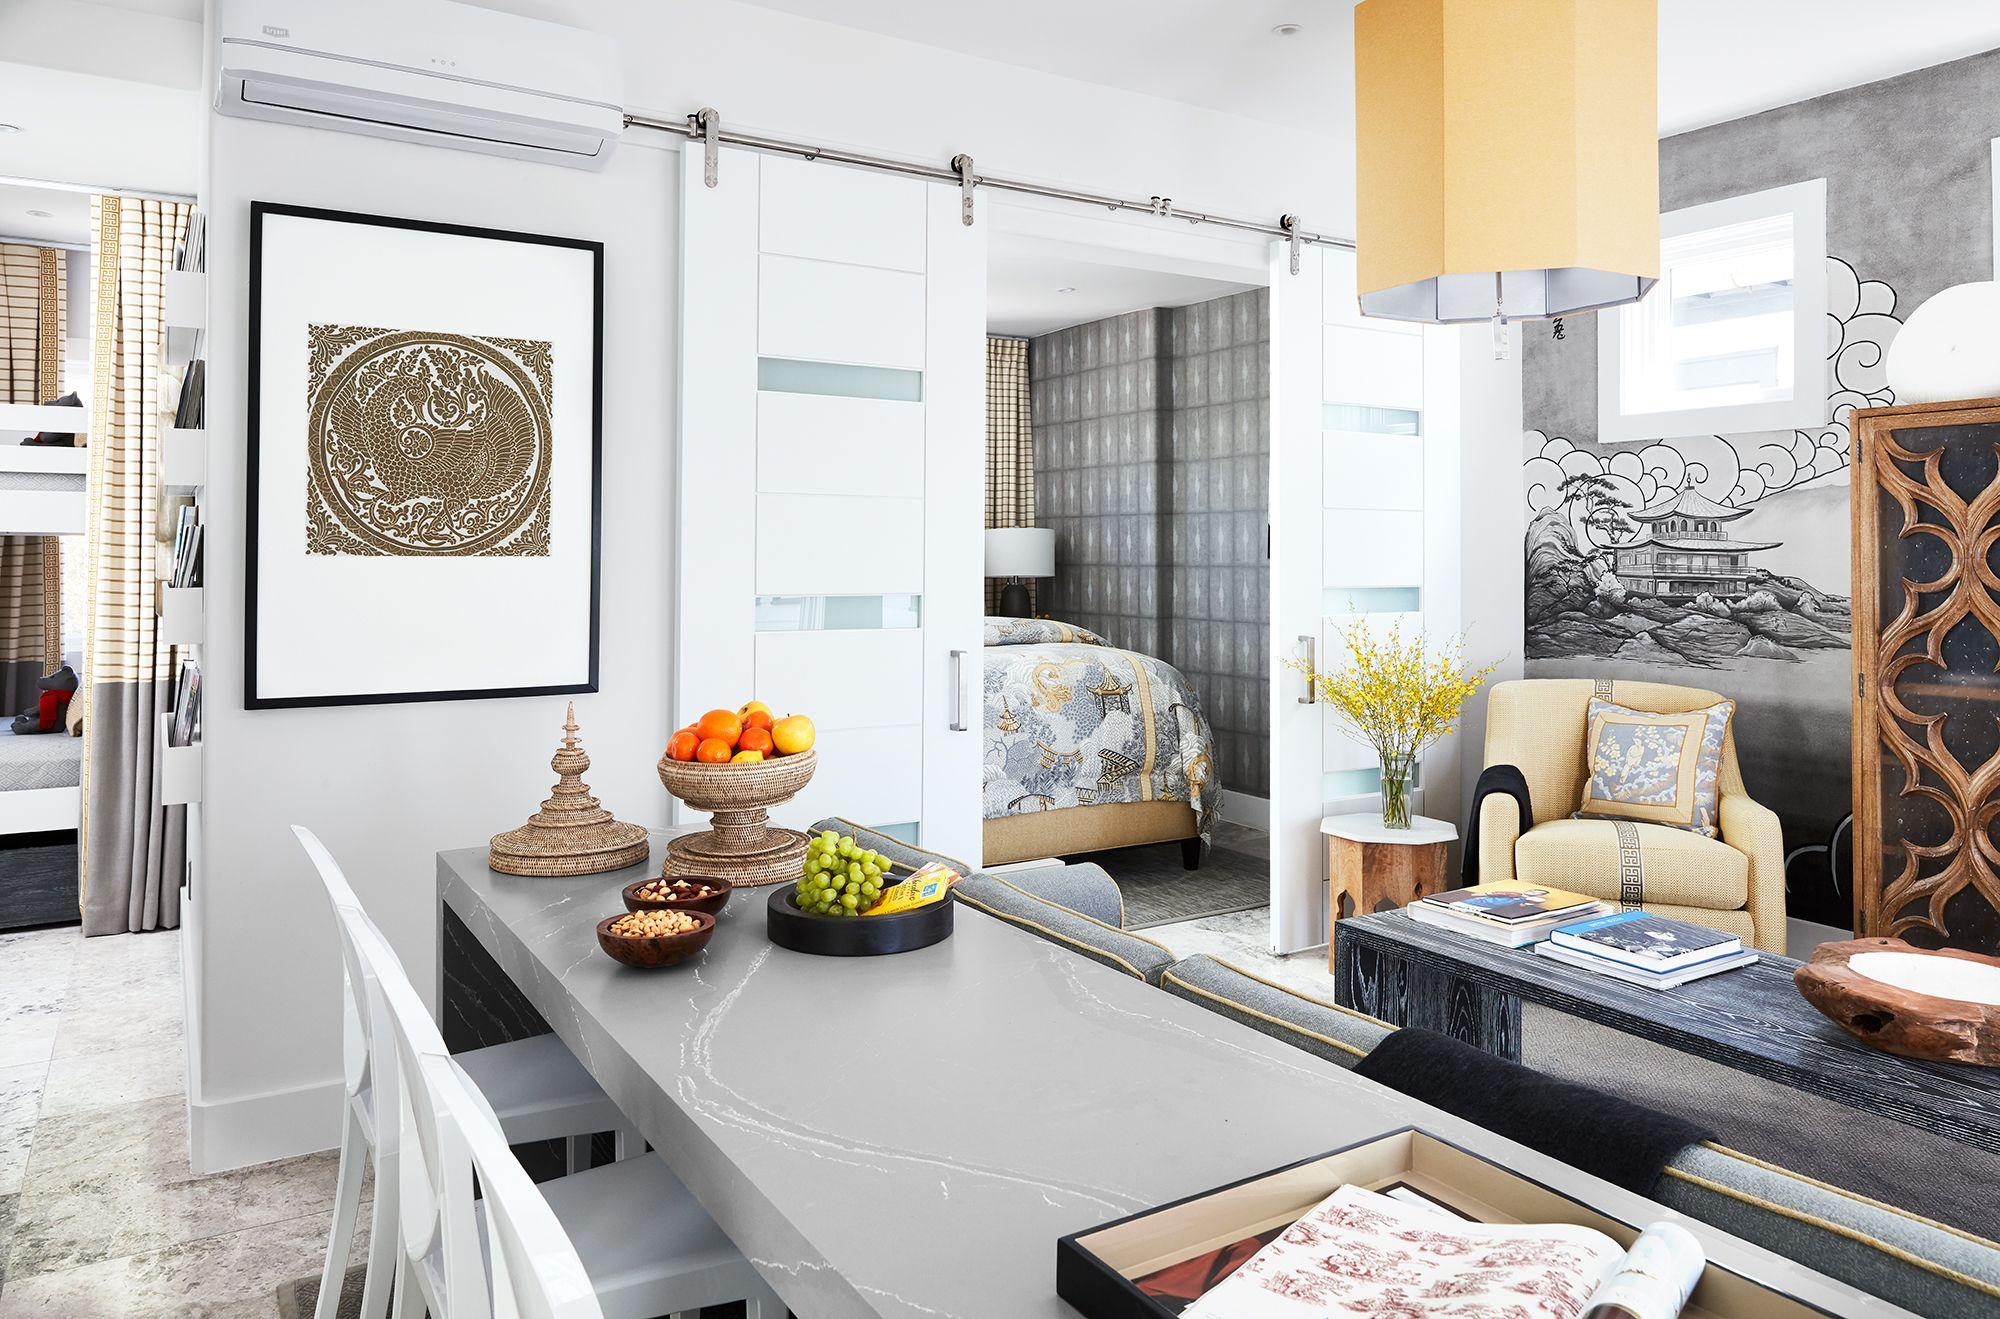 Full Size of Ikea Schner Stauraum 5 Einfache Hacks Ideen Regal Miniküche Küche Kosten Betten Bei Sofa Mit Schlaffunktion Modulküche 160x200 Kaufen Wohnzimmer Raumteiler Ikea